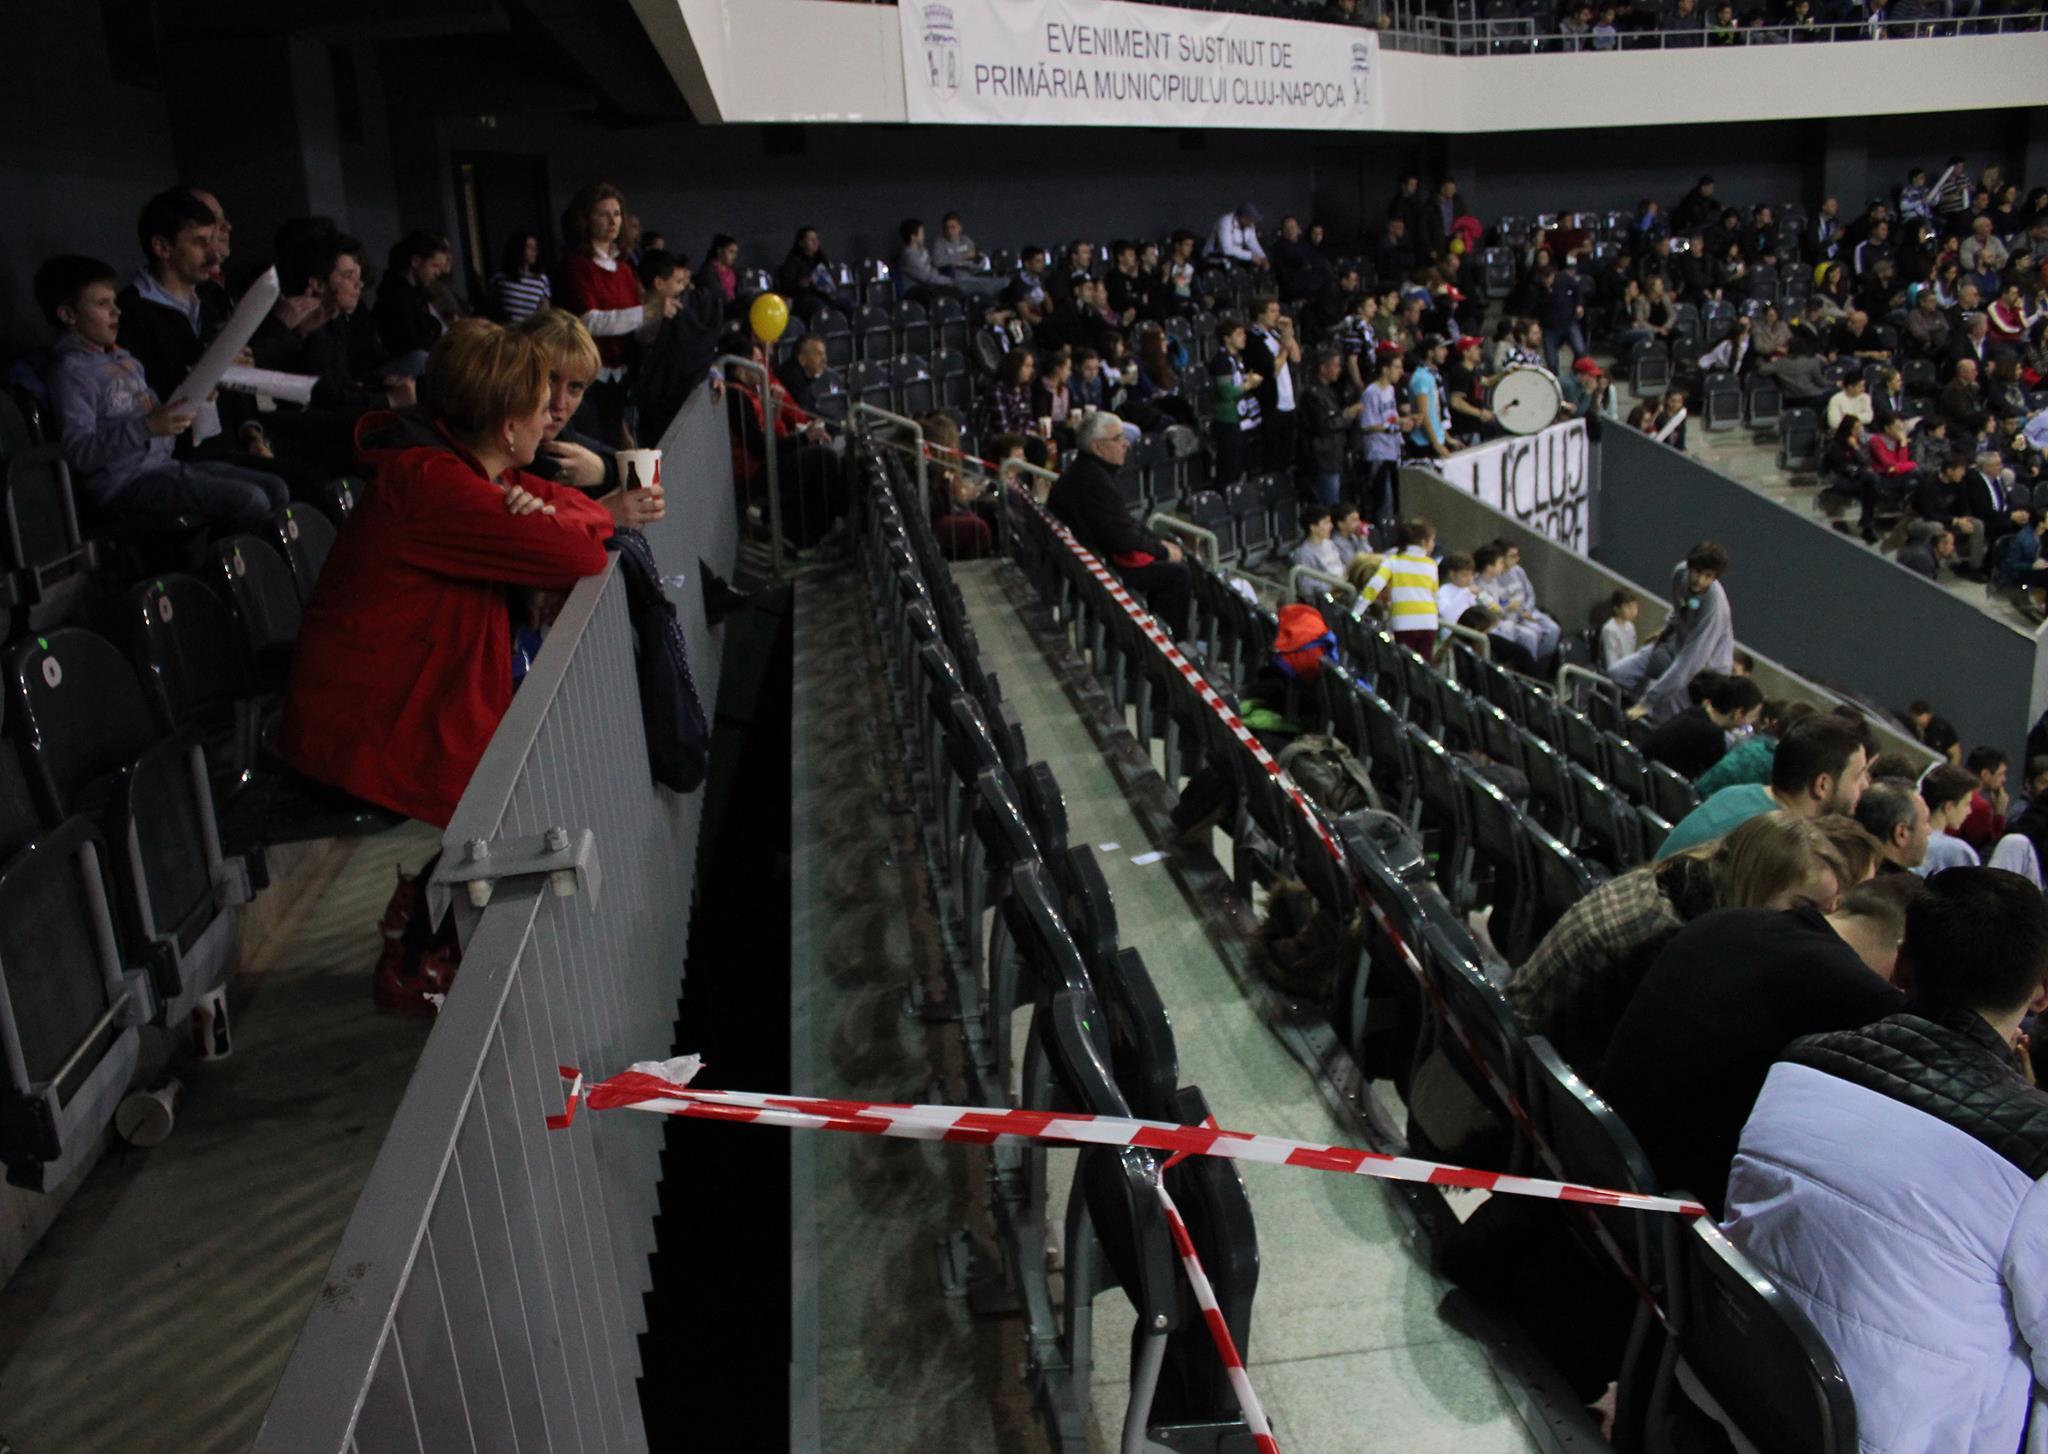 Așa arată spațiul prin care copilul a căzut (FOTO: Dan Bodea)